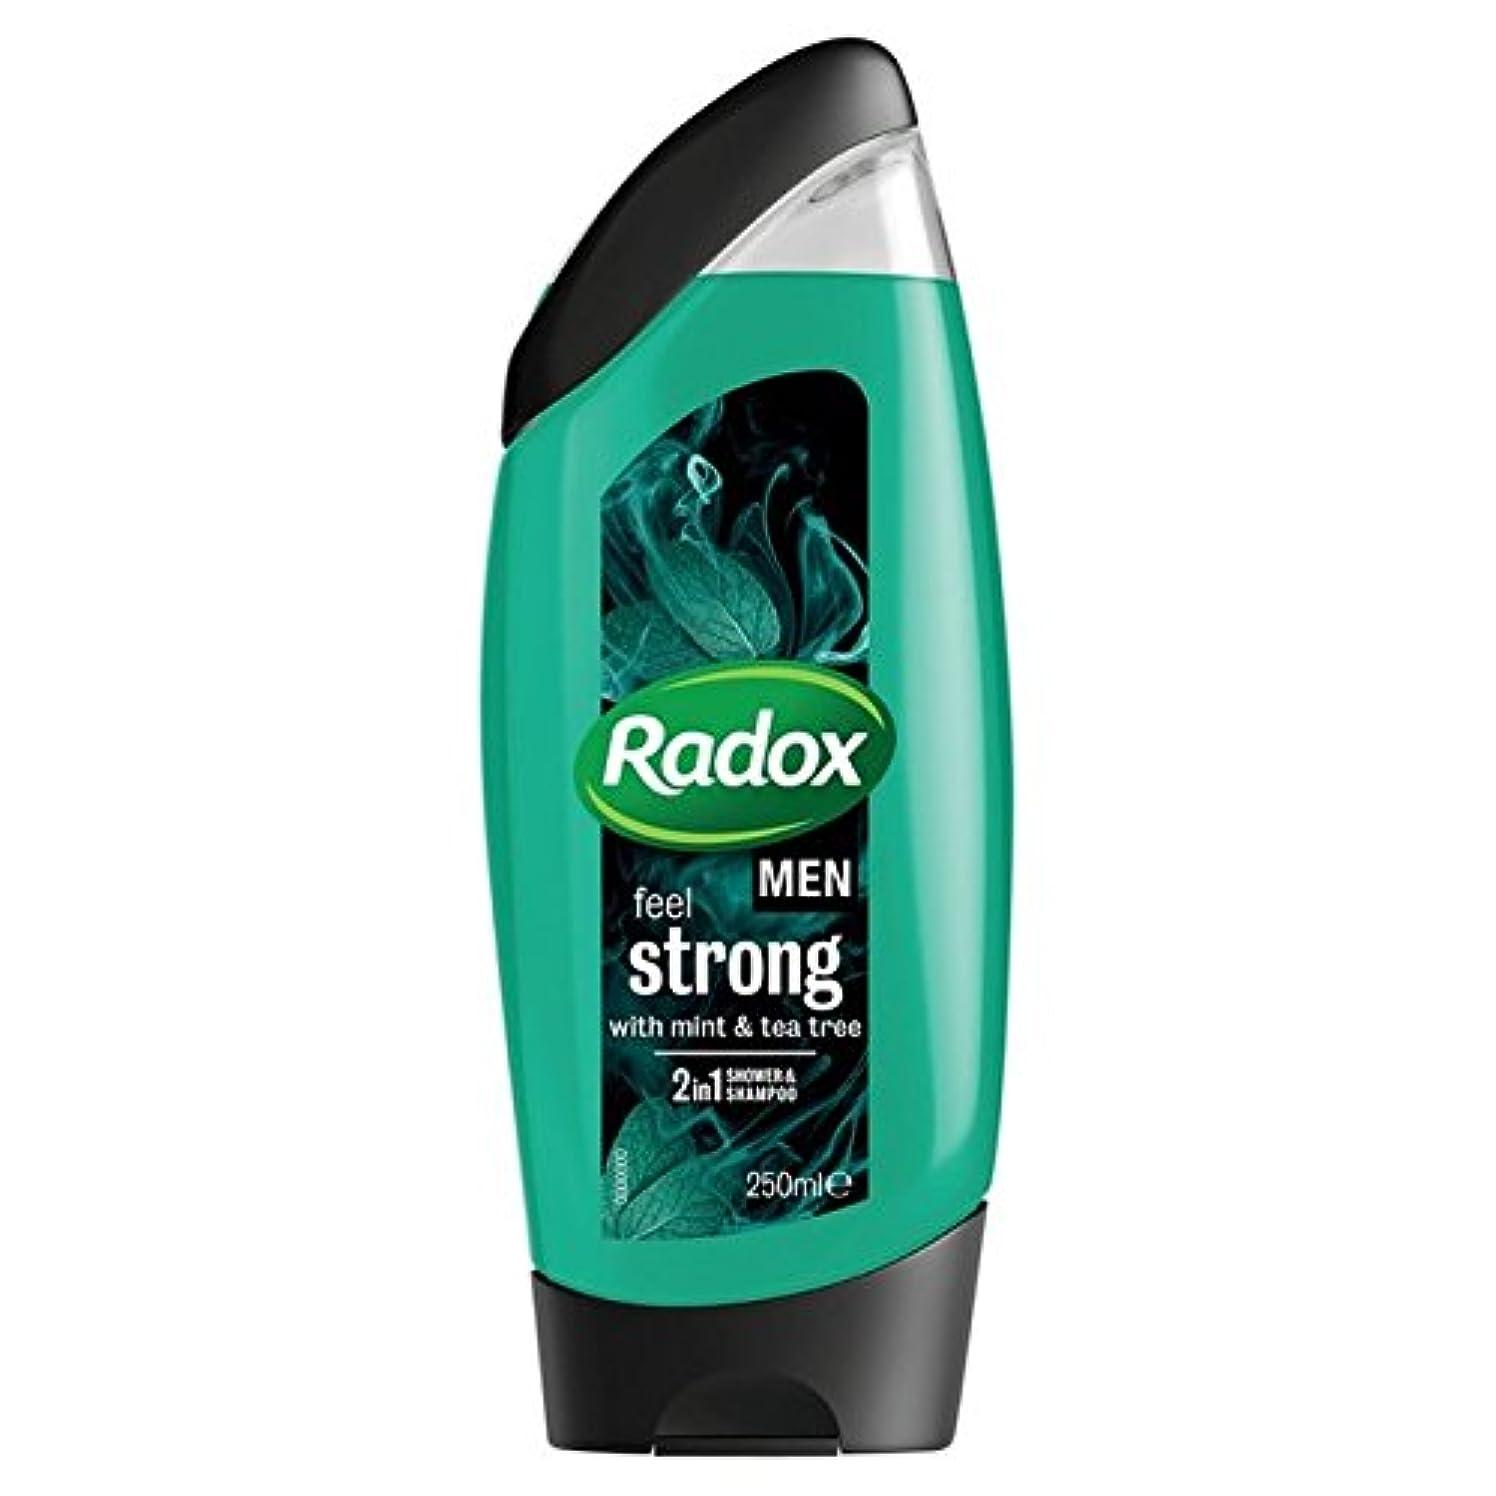 終了しましたピクニック延ばす男性は、強力なミント&ティーツリーの21のシャワージェル250ミリリットルを感じます x4 - Radox Men Feel Strong Mint & Tea Tree 2in1 Shower Gel 250ml (Pack...